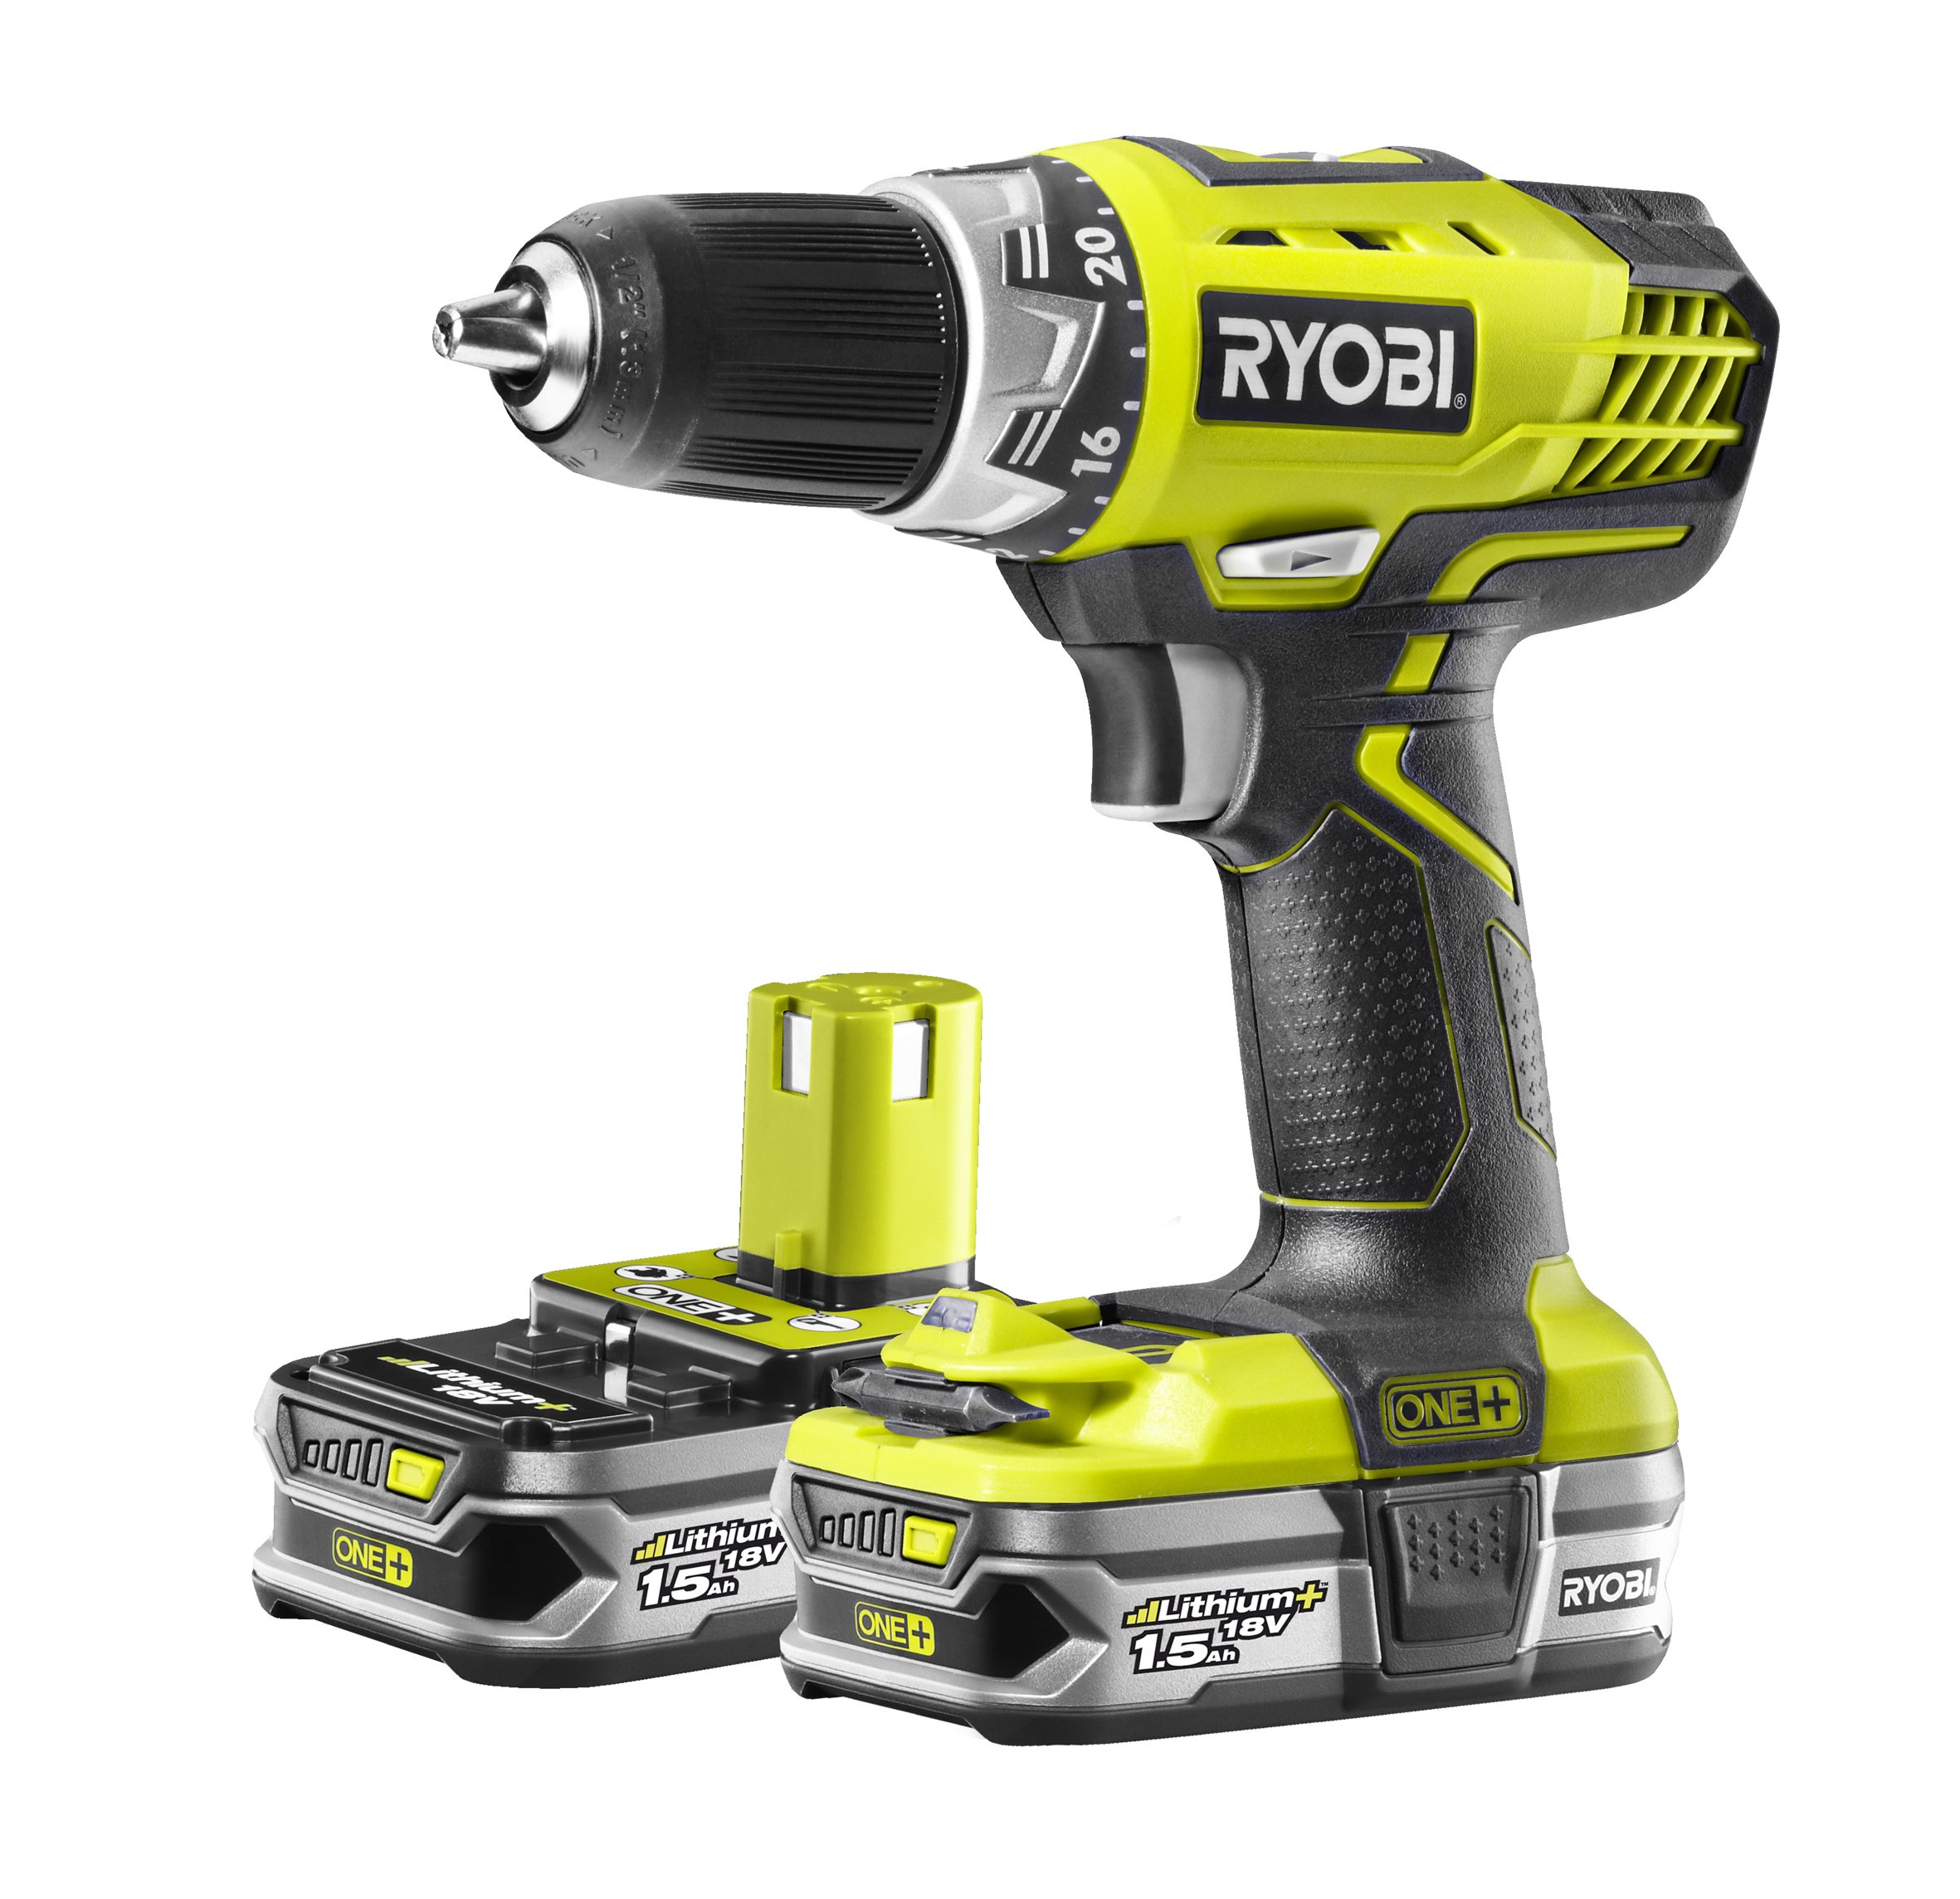 Ryobi-Kompakt-Bohrschrauber-RCD18022L-kraftvoller-Akkuschrauber-mit-1800-W-lange-Akkulaufzeit-mit-Motorbremse-Bit-Magnet-und-LED-Arbeitslicht-Art-Nr-5133001929